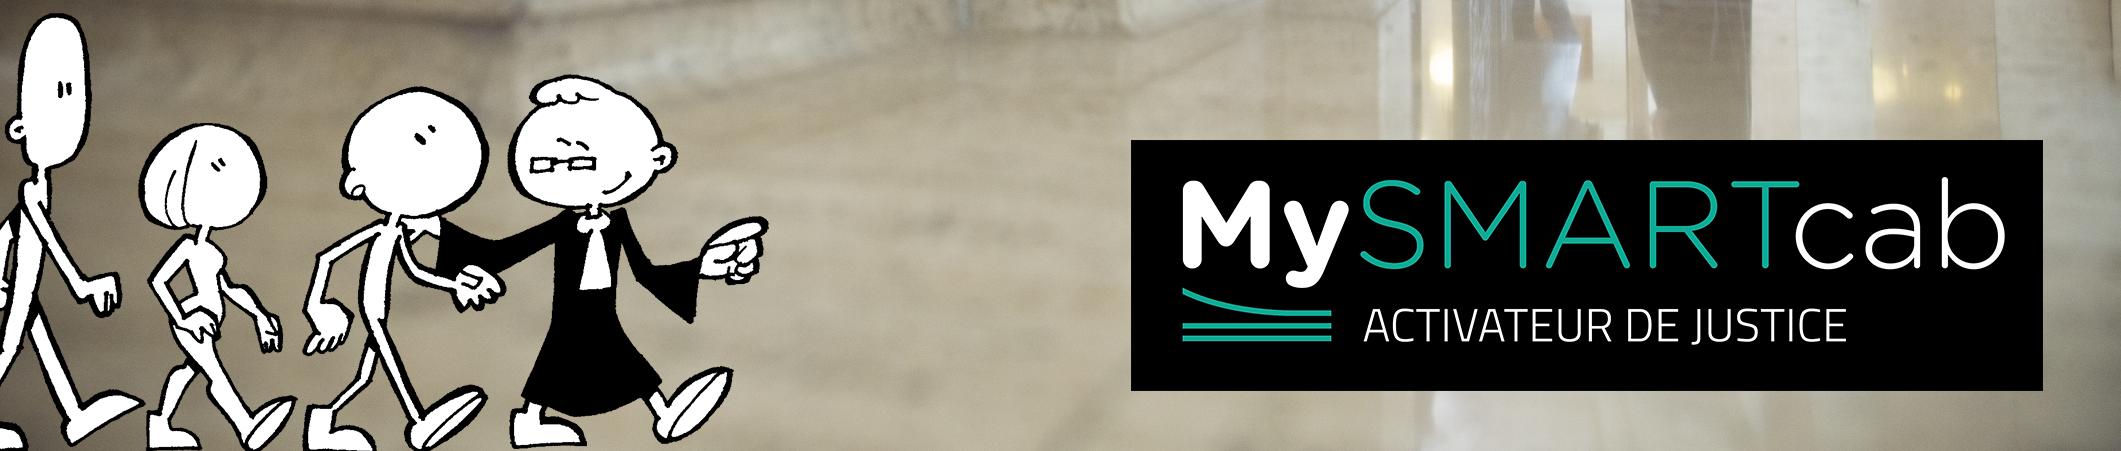 ANNEE LOMBARDE : Pourquoi la plateforme mySMARTcab demande-t-elle l'intervention d'un actuaire ?